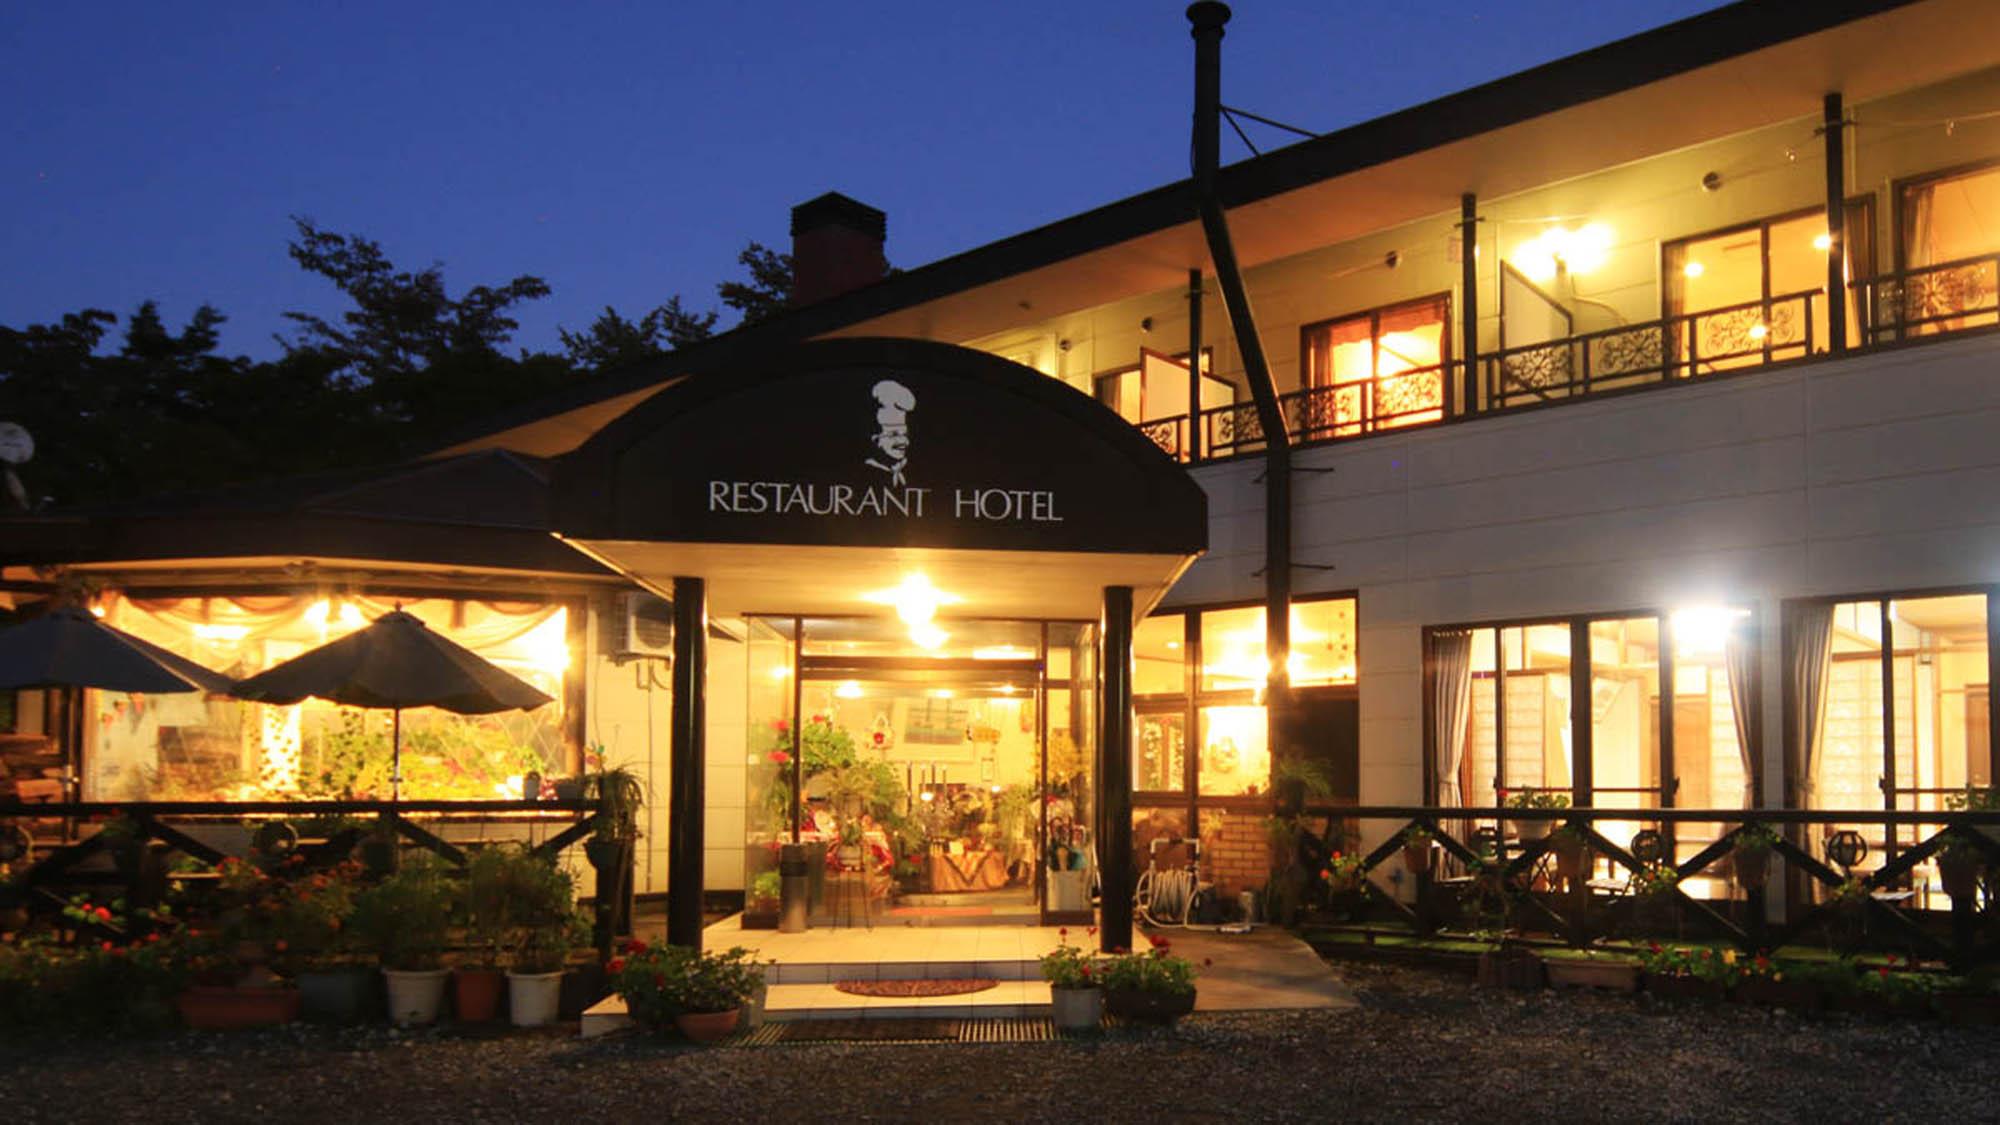 レストラン・ホテル茶居夢